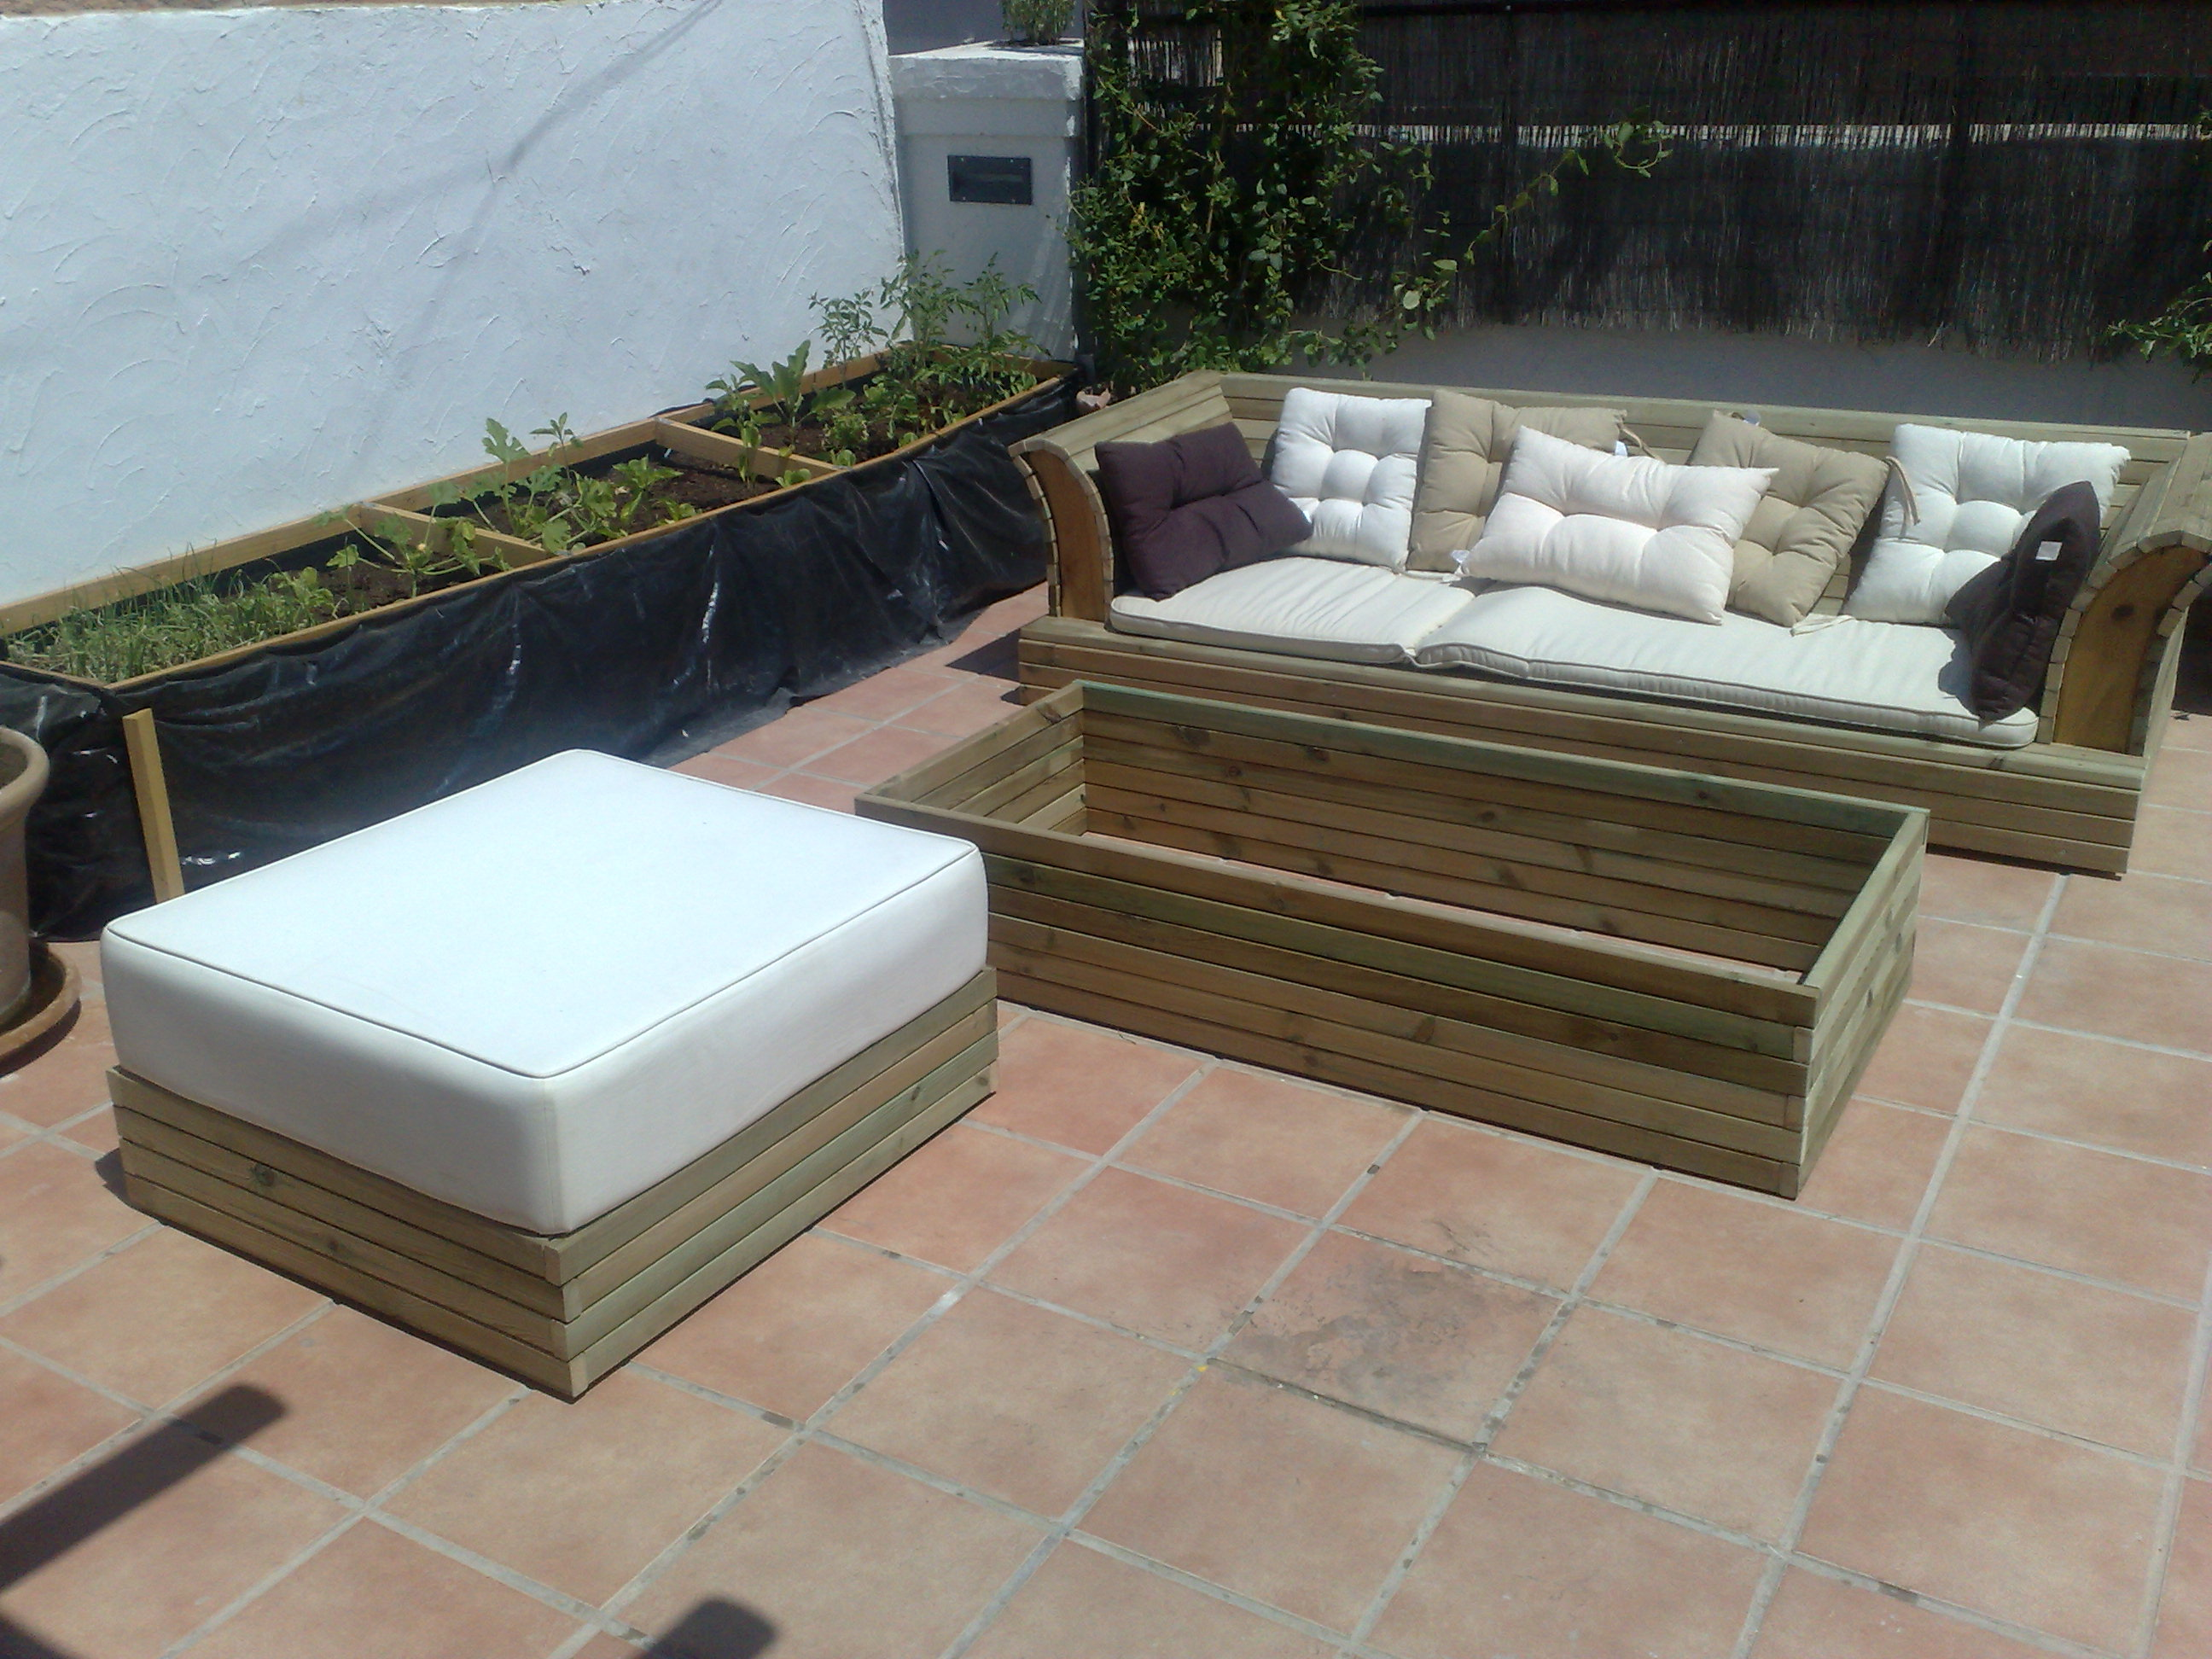 Muebles kenza yecla obtenga ideas dise o de muebles para for Fabrica de muebles en yecla